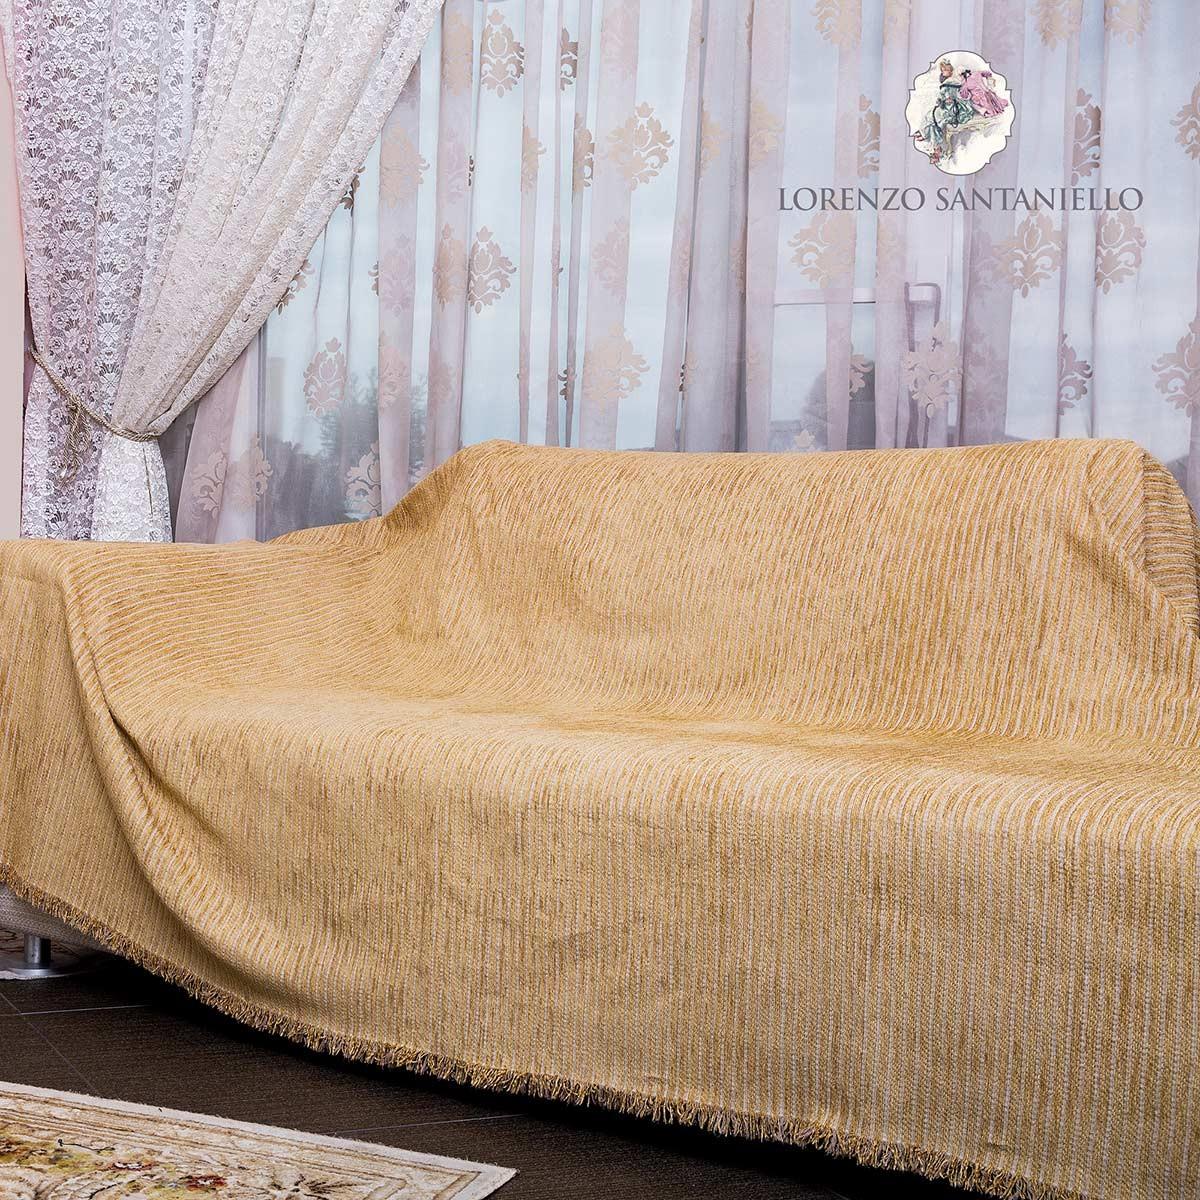 Ριχτάρι Διθέσιου (180x250) Lorenzo Santaniello Kotle Gold